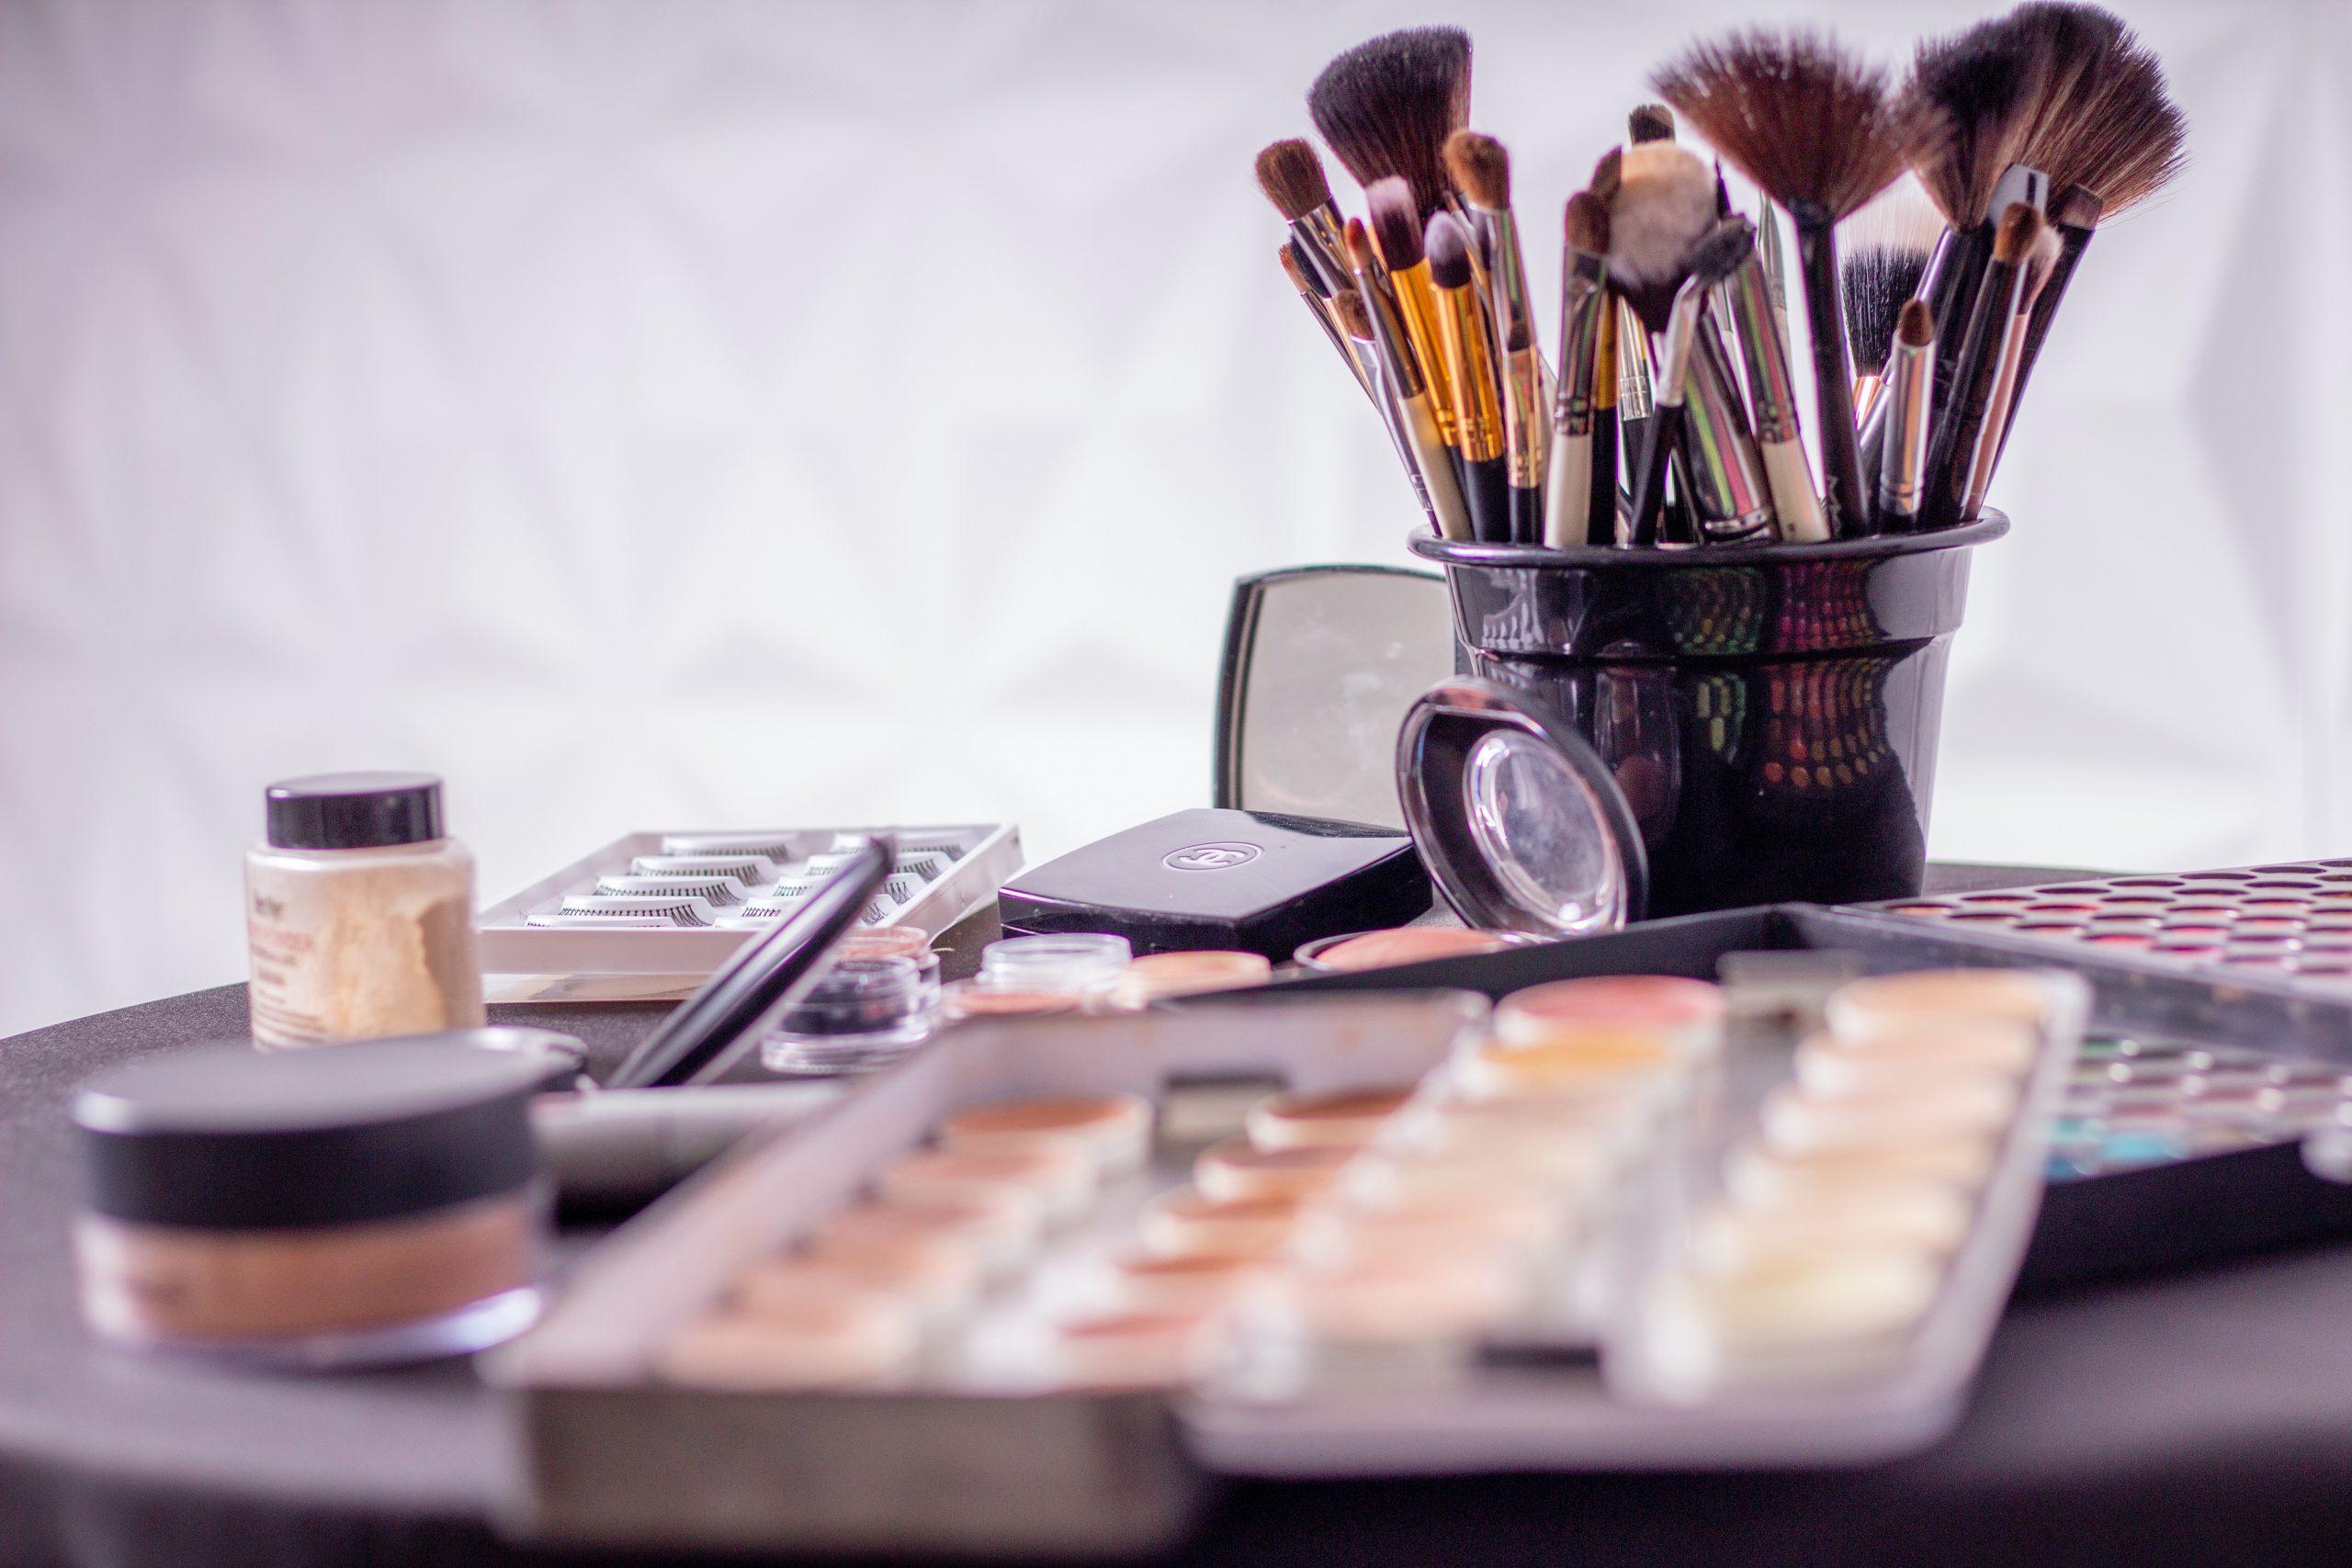 Produtos utilizados no curso de maquiagem